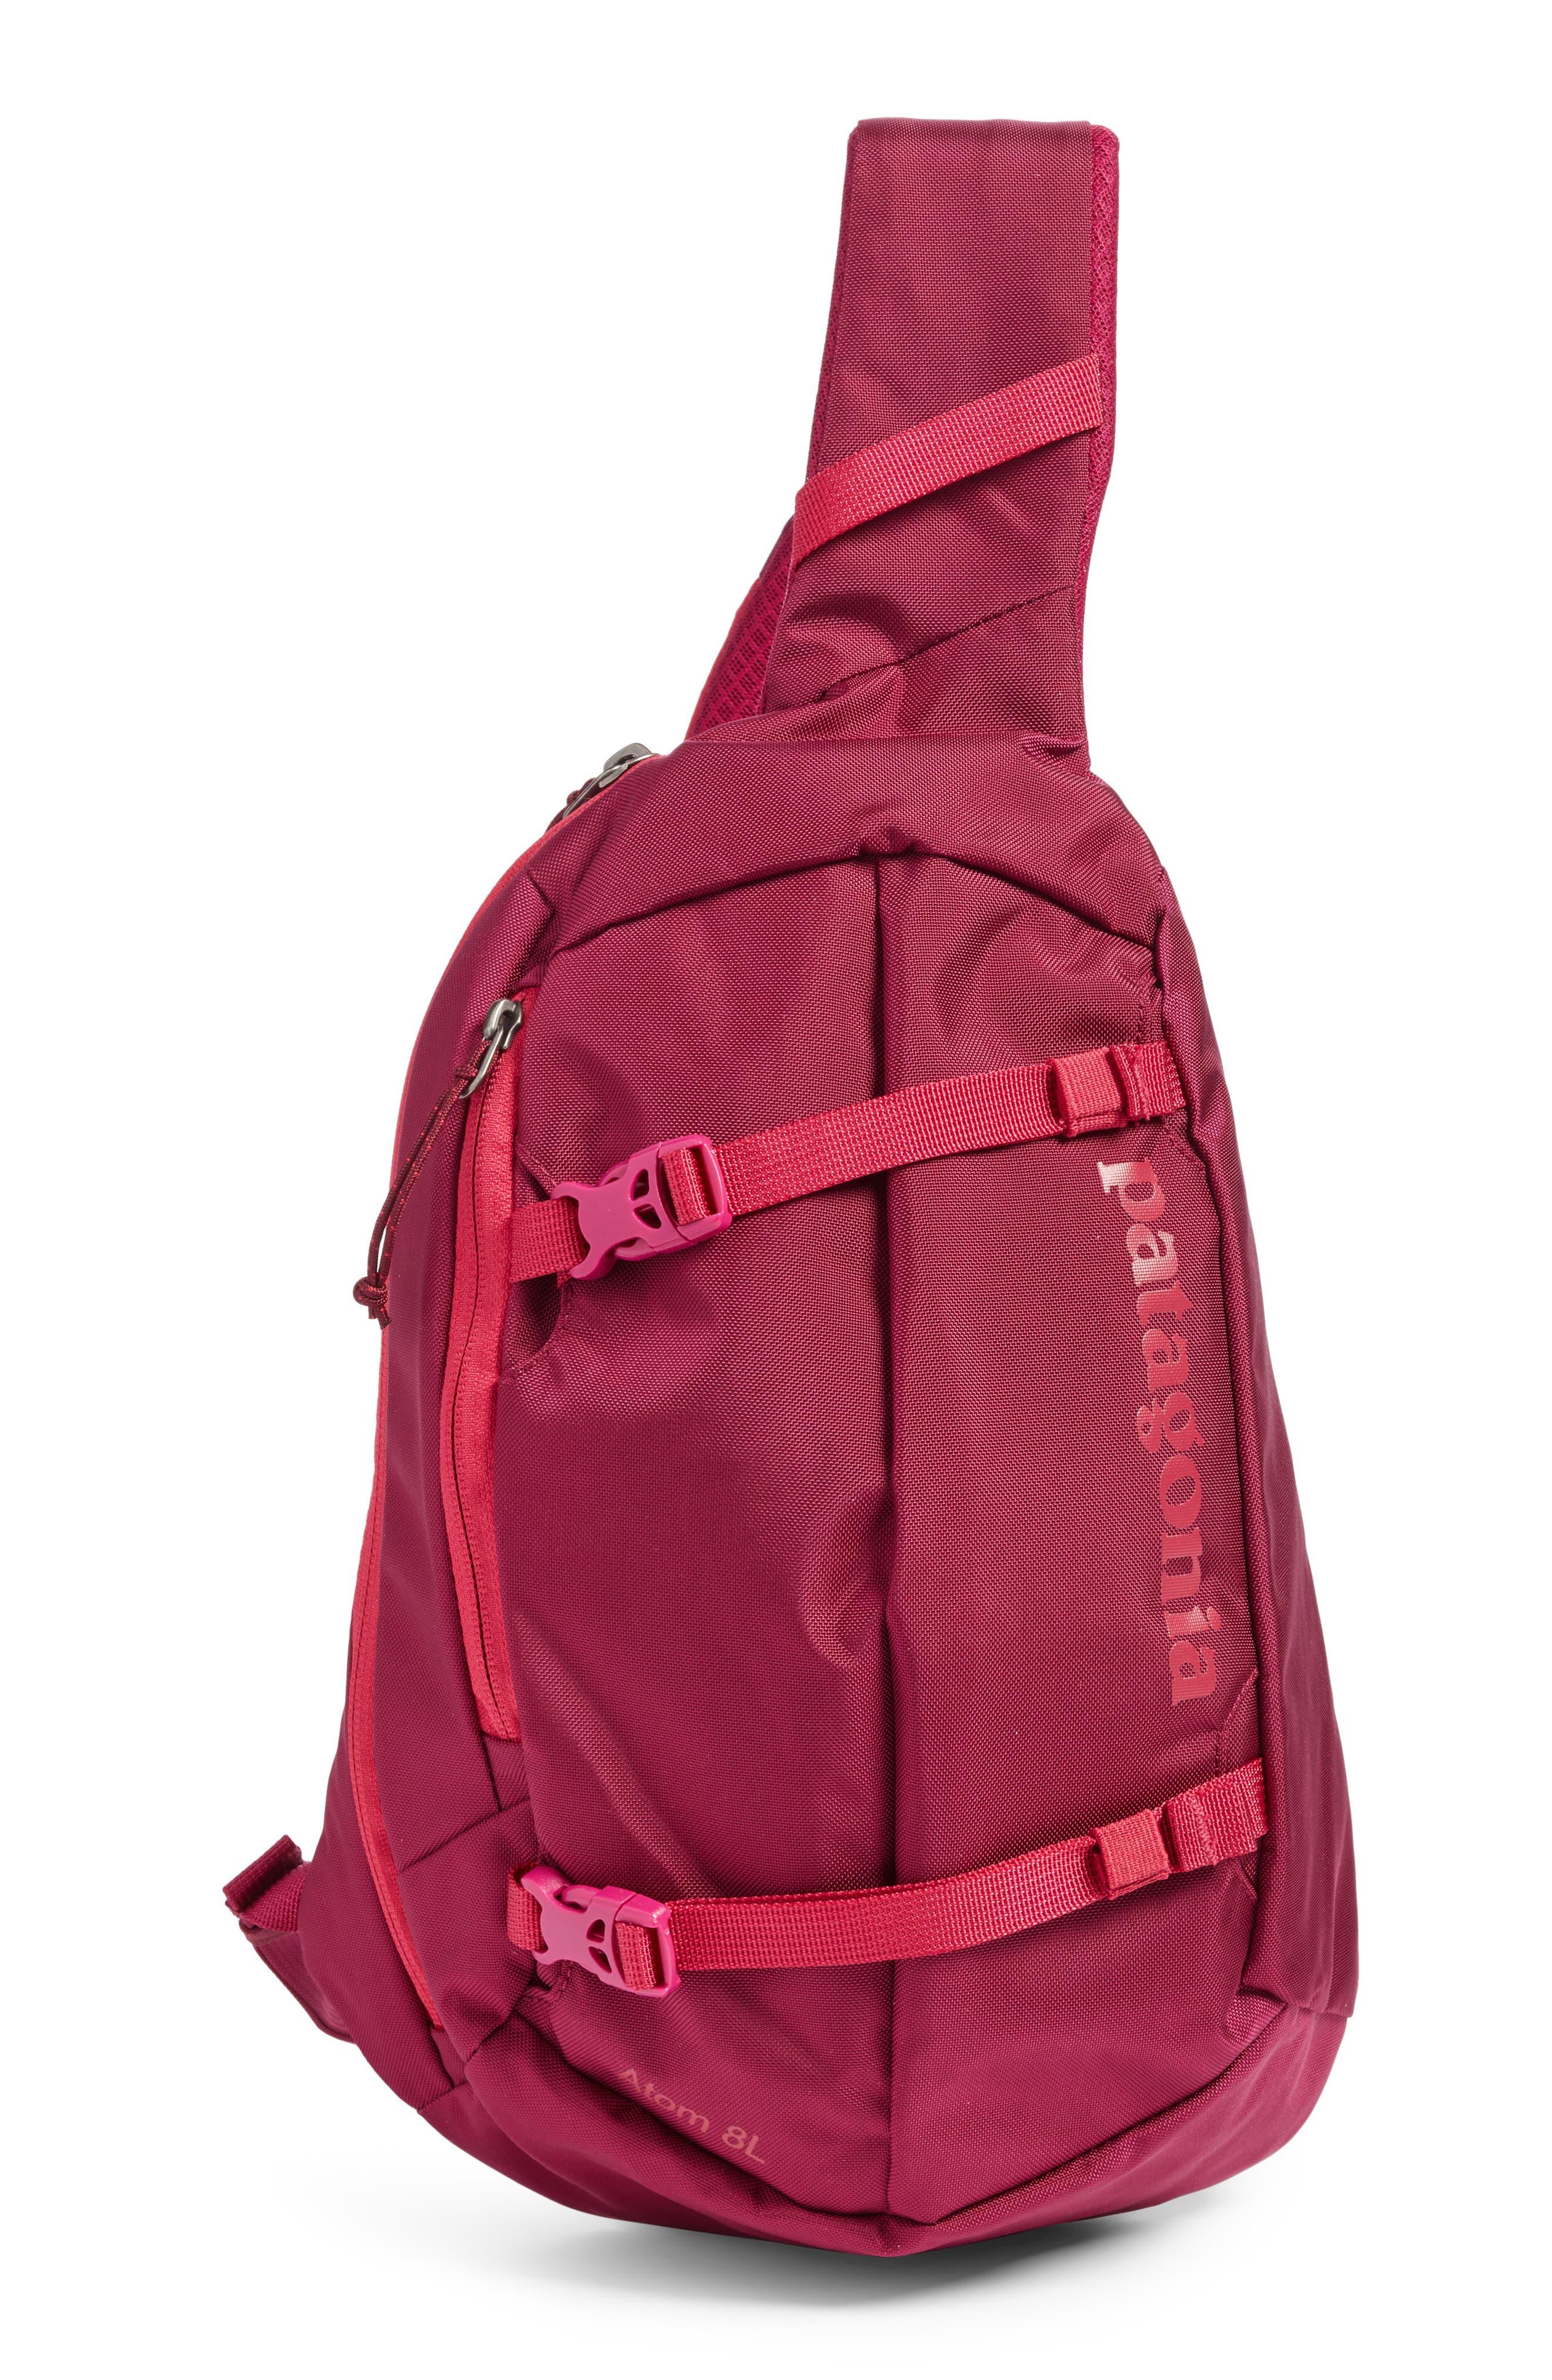 Atom 8L Sling Backpack,                         Main,                         color, Magenta